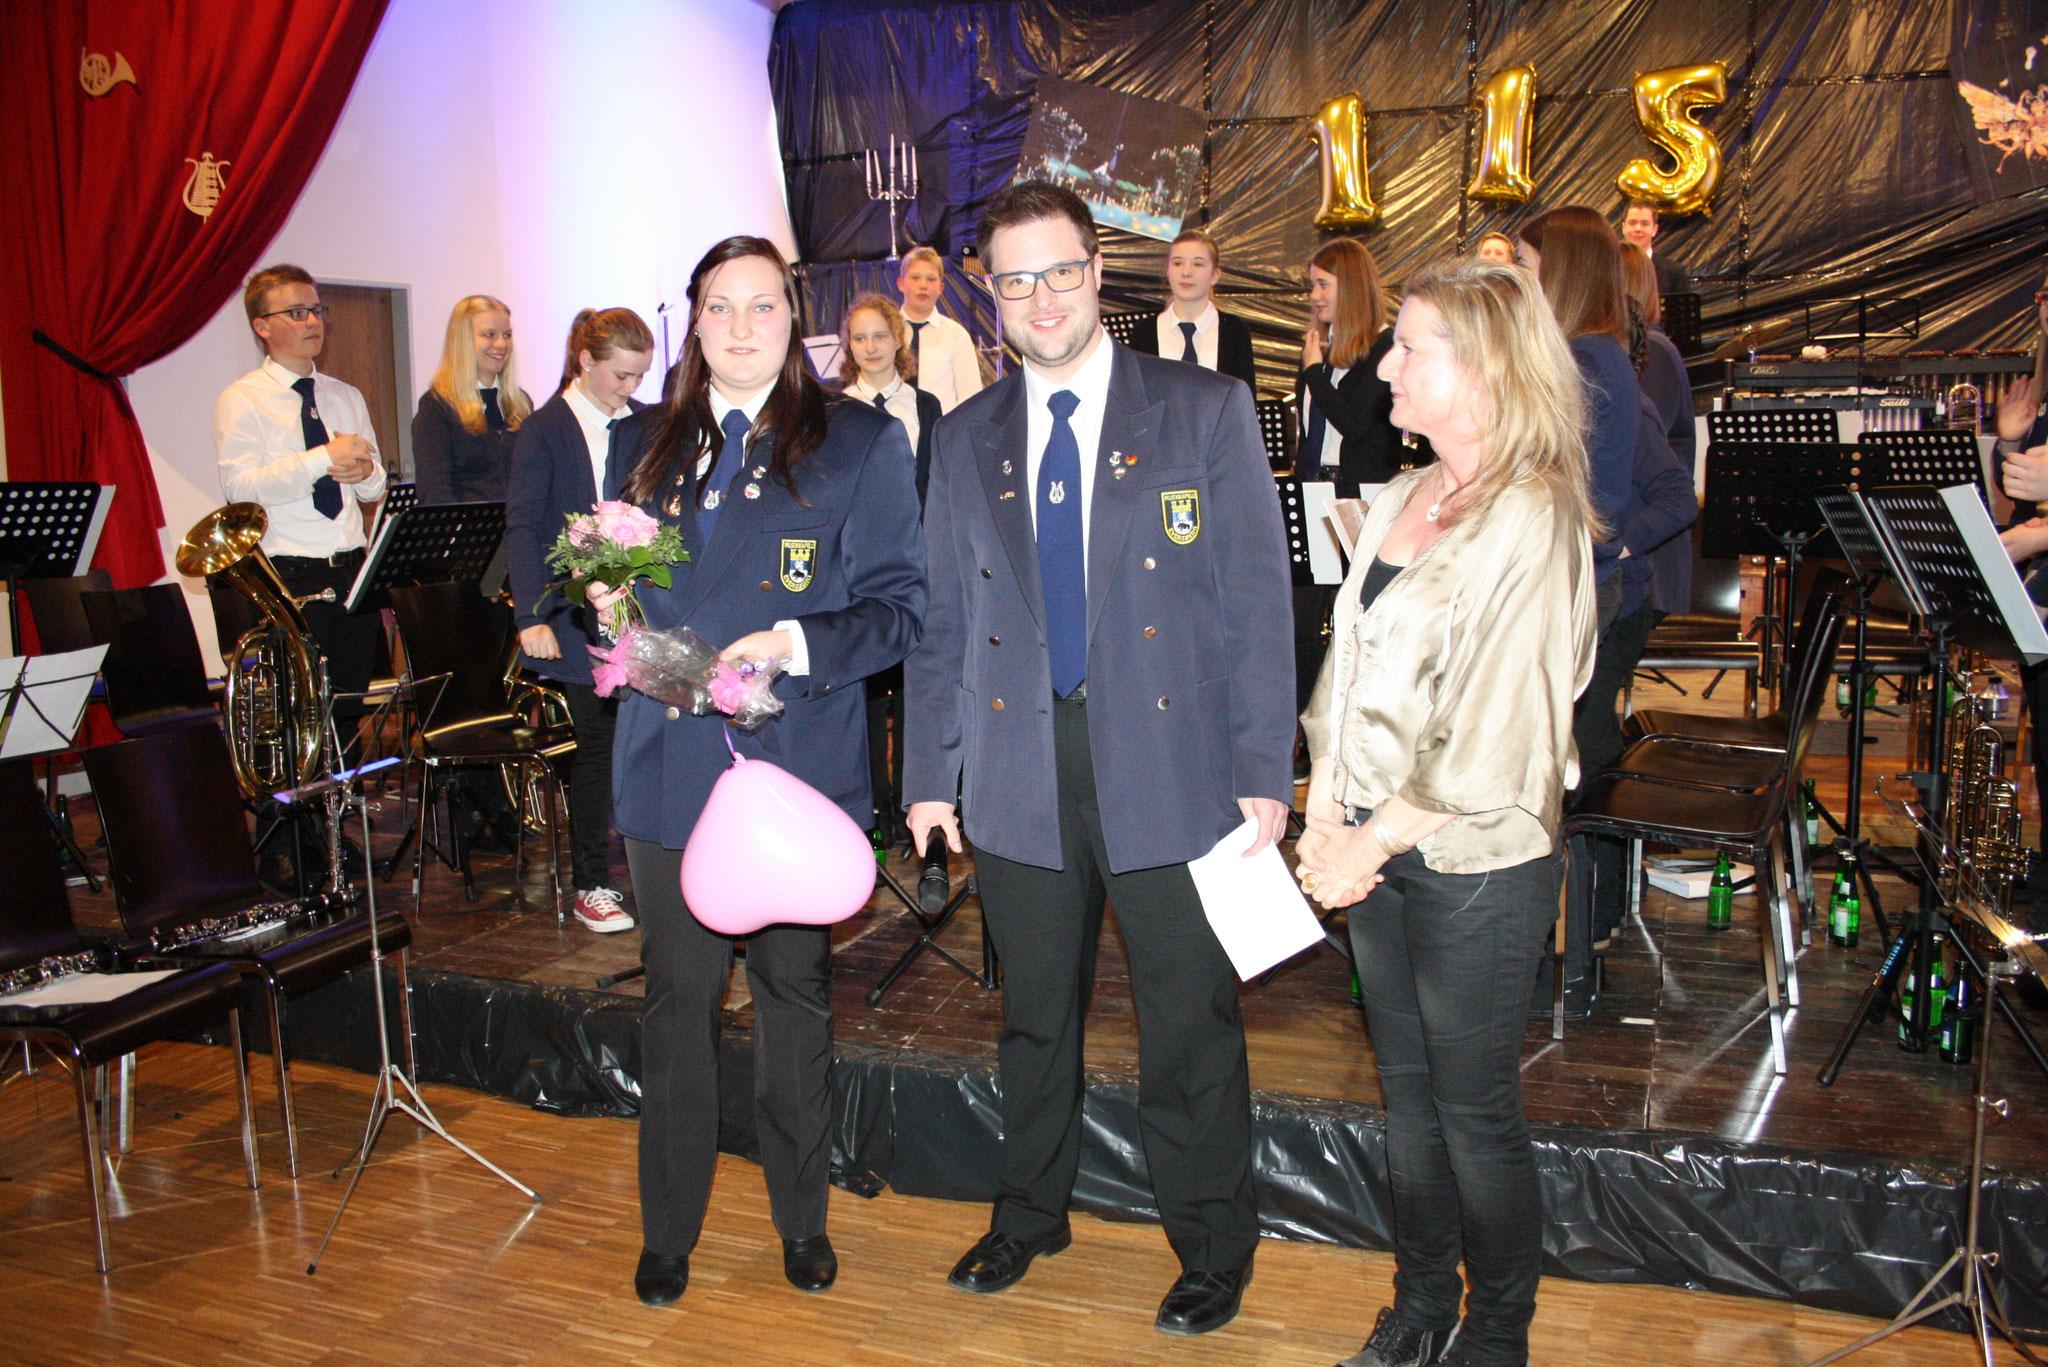 Julia Nemeita wird für ihre fünf Jahre als stellvertretende Dirigentin und Leiterin der Jugendkapelle geehrt.